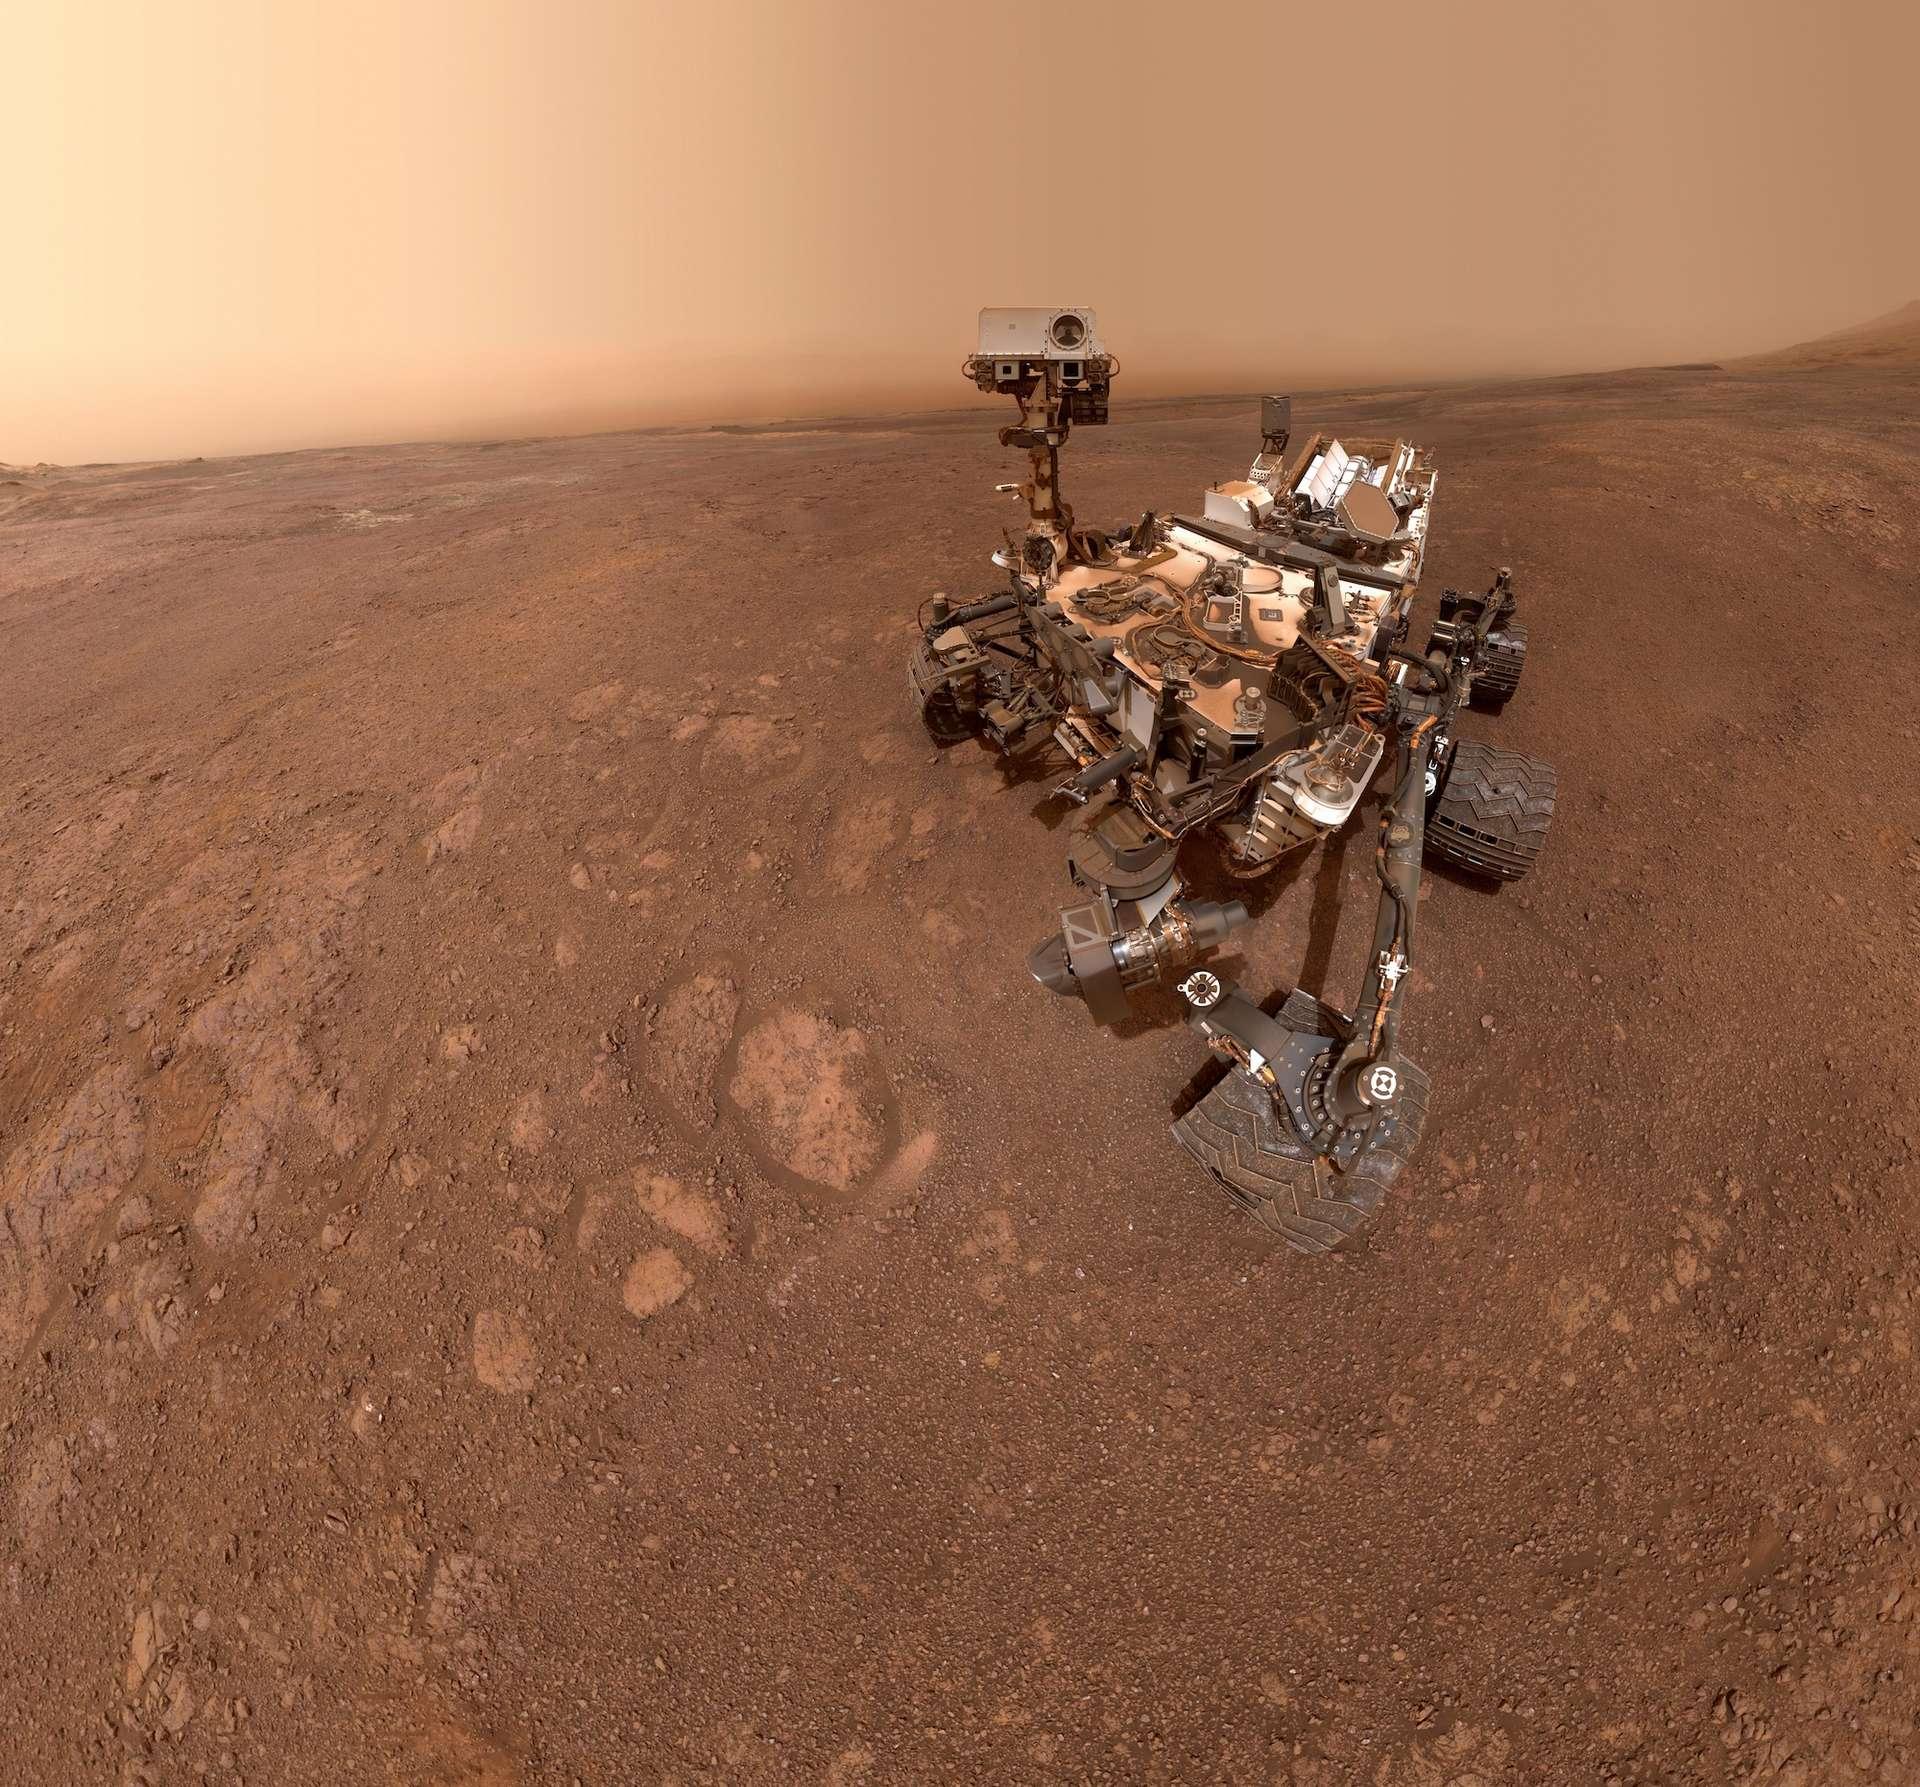 Autoportrait de Curiosity réalisé lors du Sol 2291. © Nasa, JPL-Caltech, MSSS